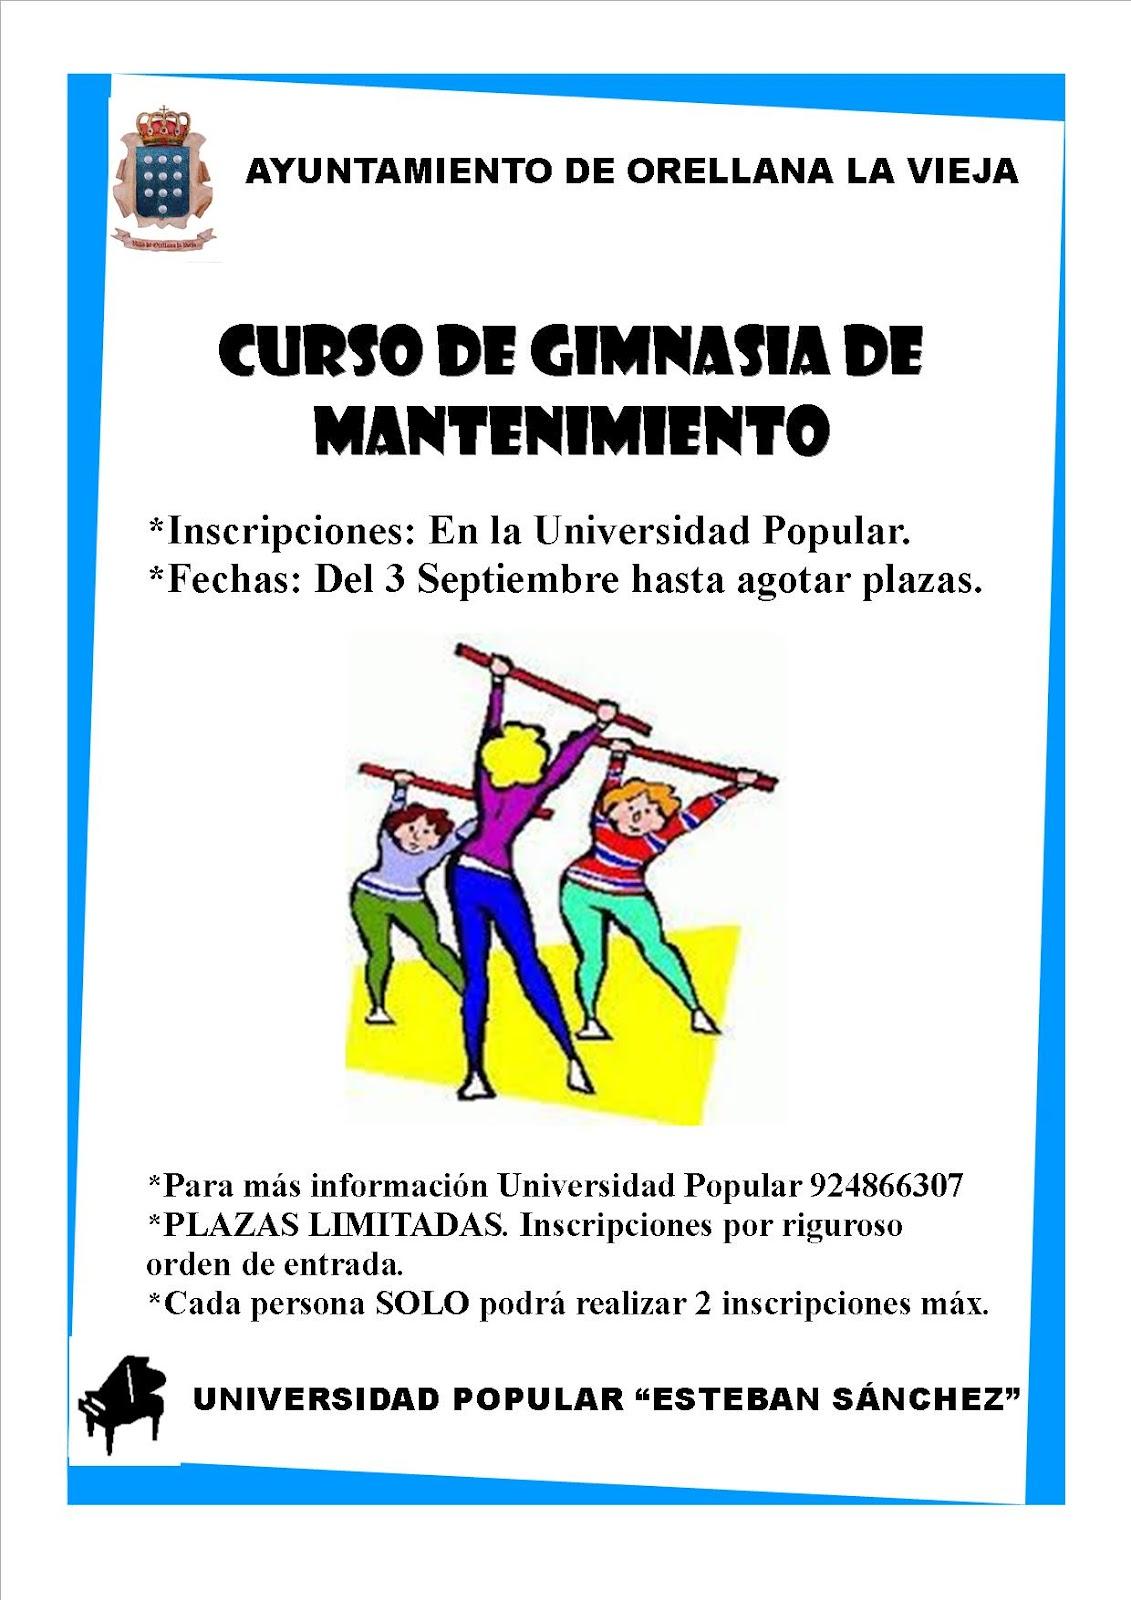 CURSO DE GIMNASIA DE MANTENIMIENTO